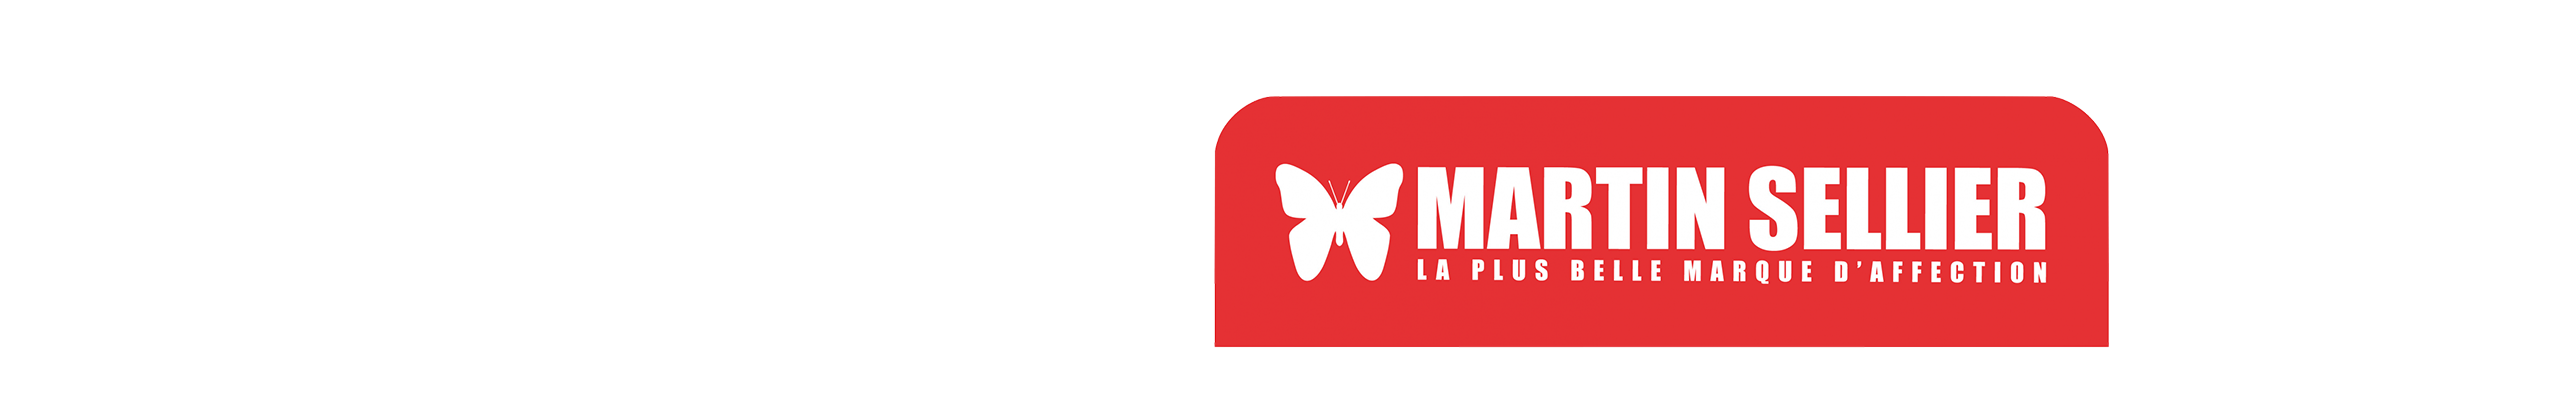 Bannière Martin Sellier